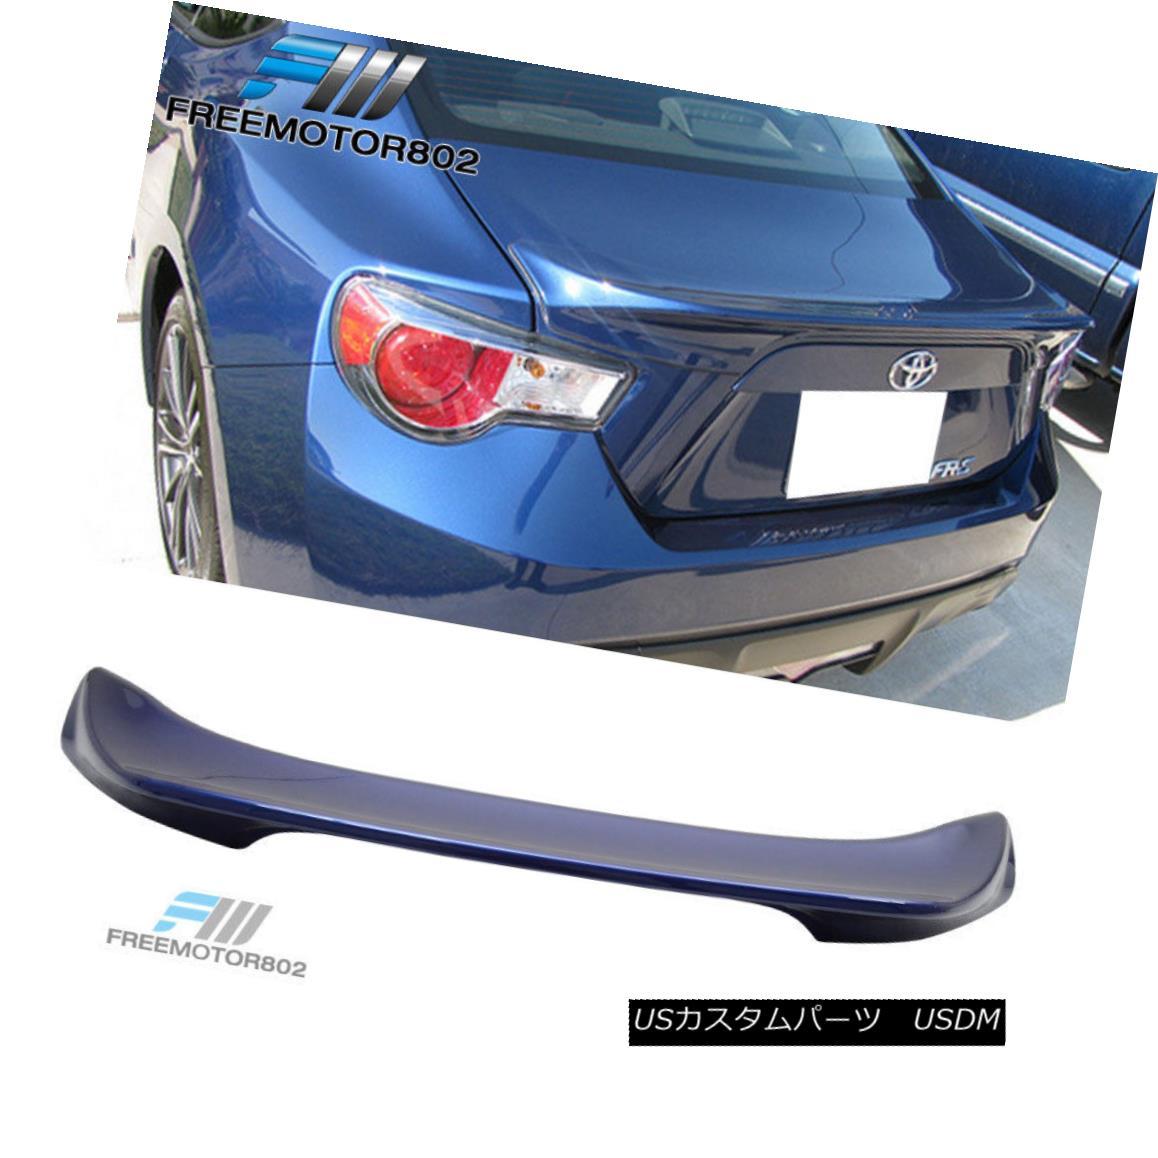 エアロパーツ Fit 13-16 Scion FRS Subaru BRZ Paint Trunk Spoiler Galaxy Blue Ultramarine #E8H フィット13-16シオンFRSスバルBRZペイントトランクスポイラーギャラクシーブルーウルトラマリン#E8H